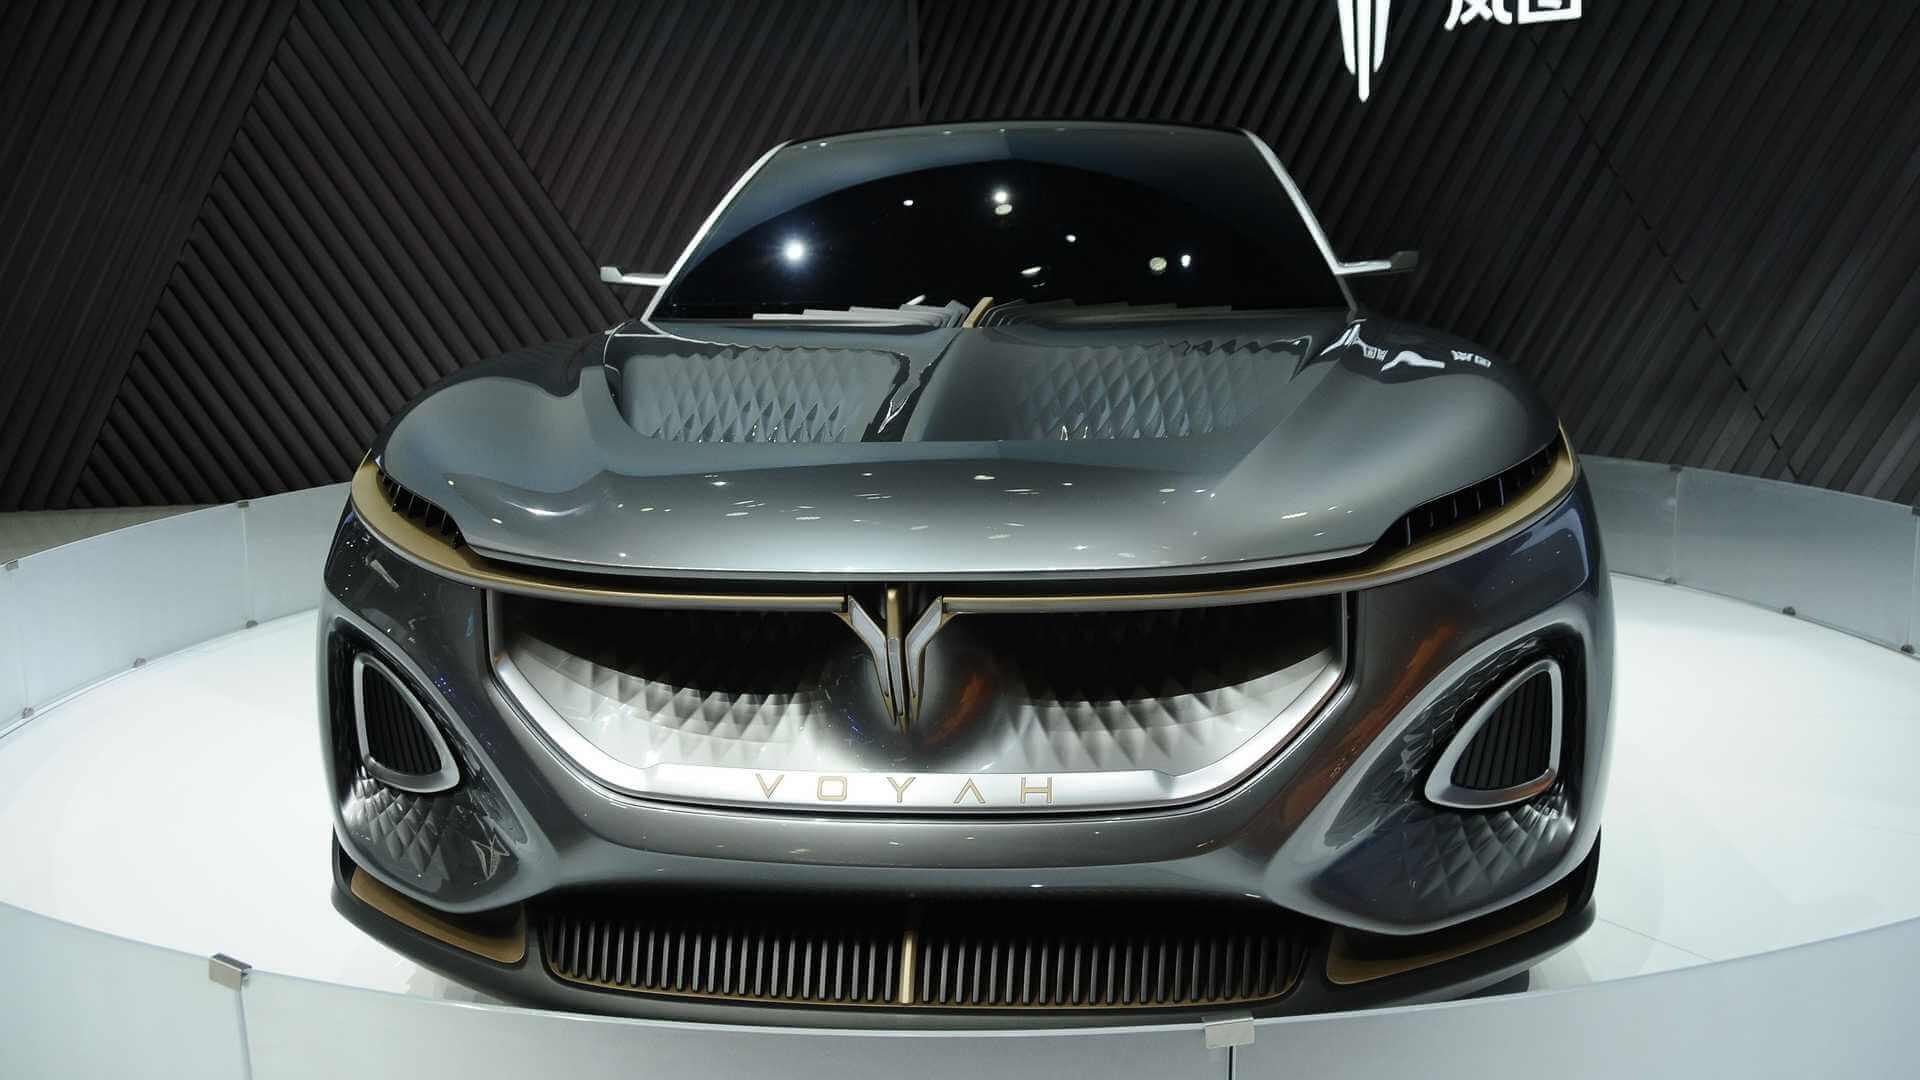 Voyah запустит первую серийную модель премиального электромобиля в 2021 году